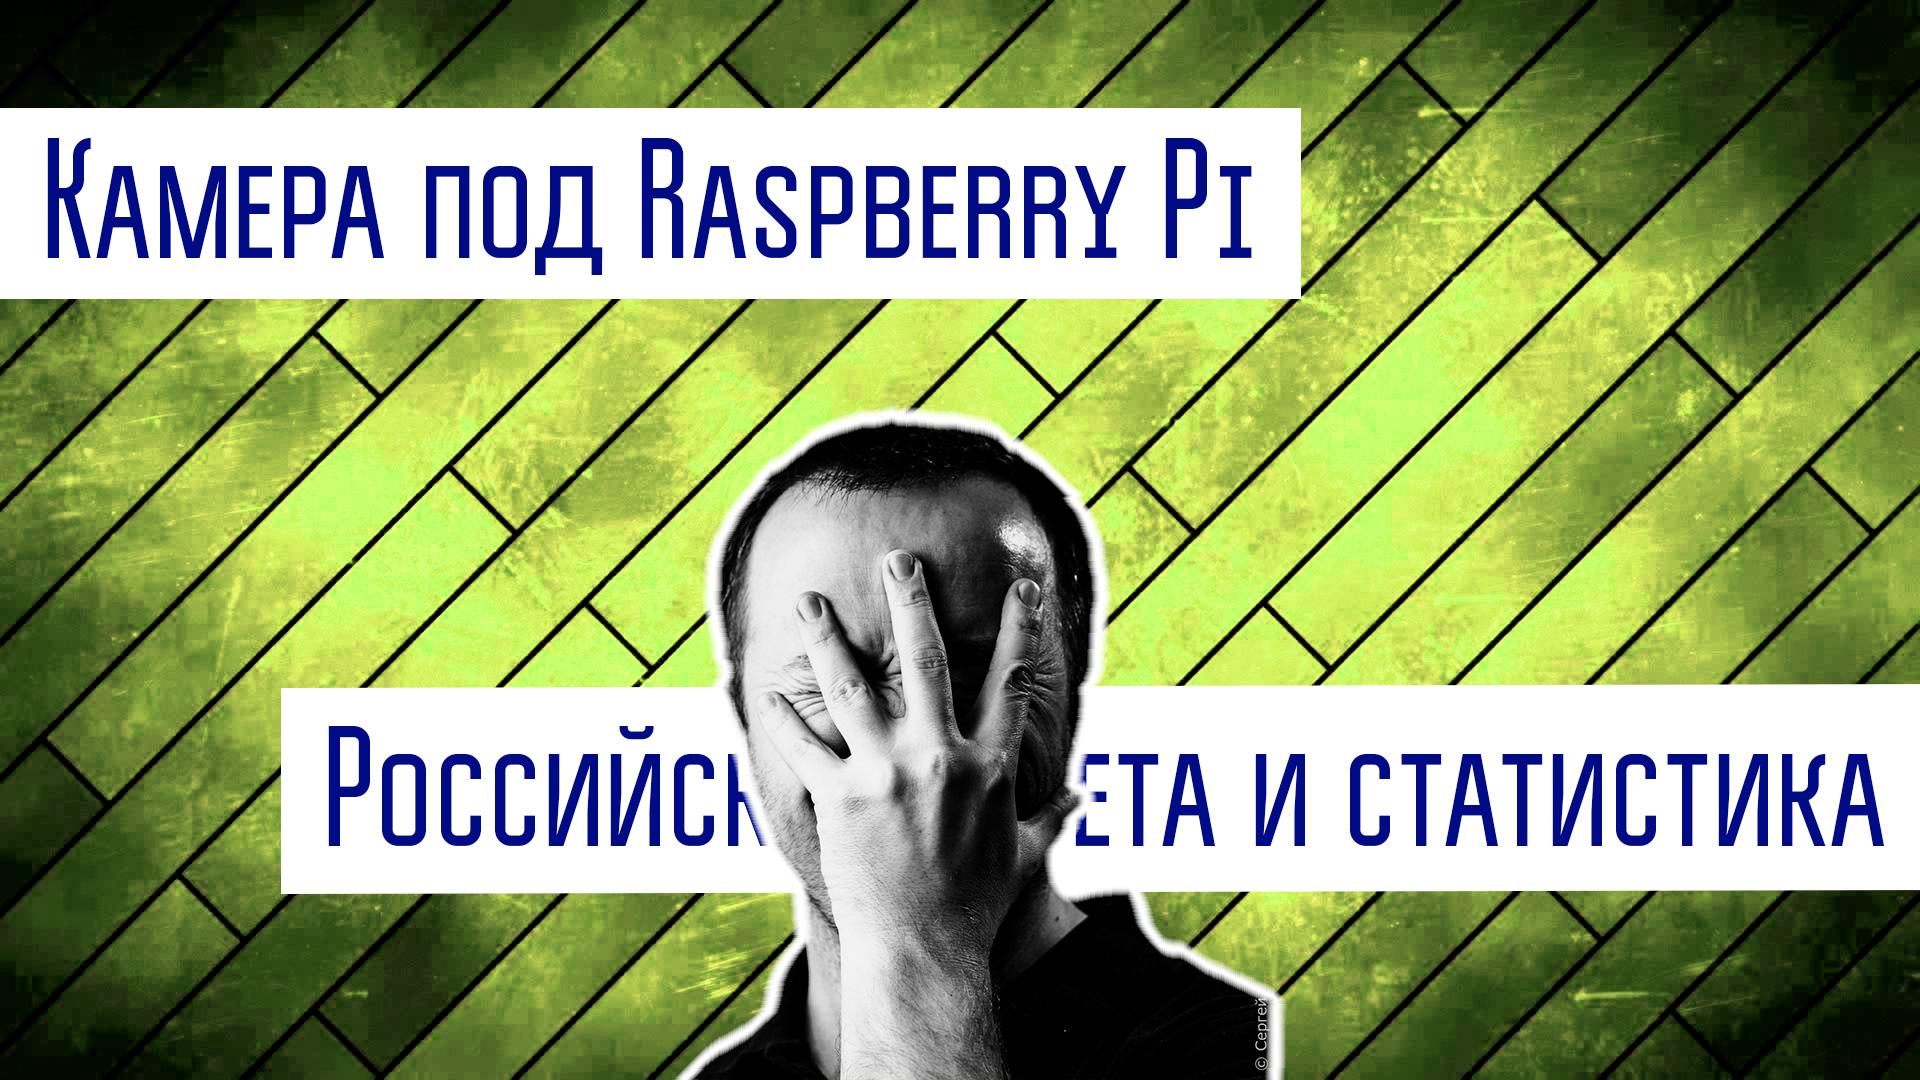 Камера Raspberry Pi под C-mount, манипуляции со статистикой в Российской газете